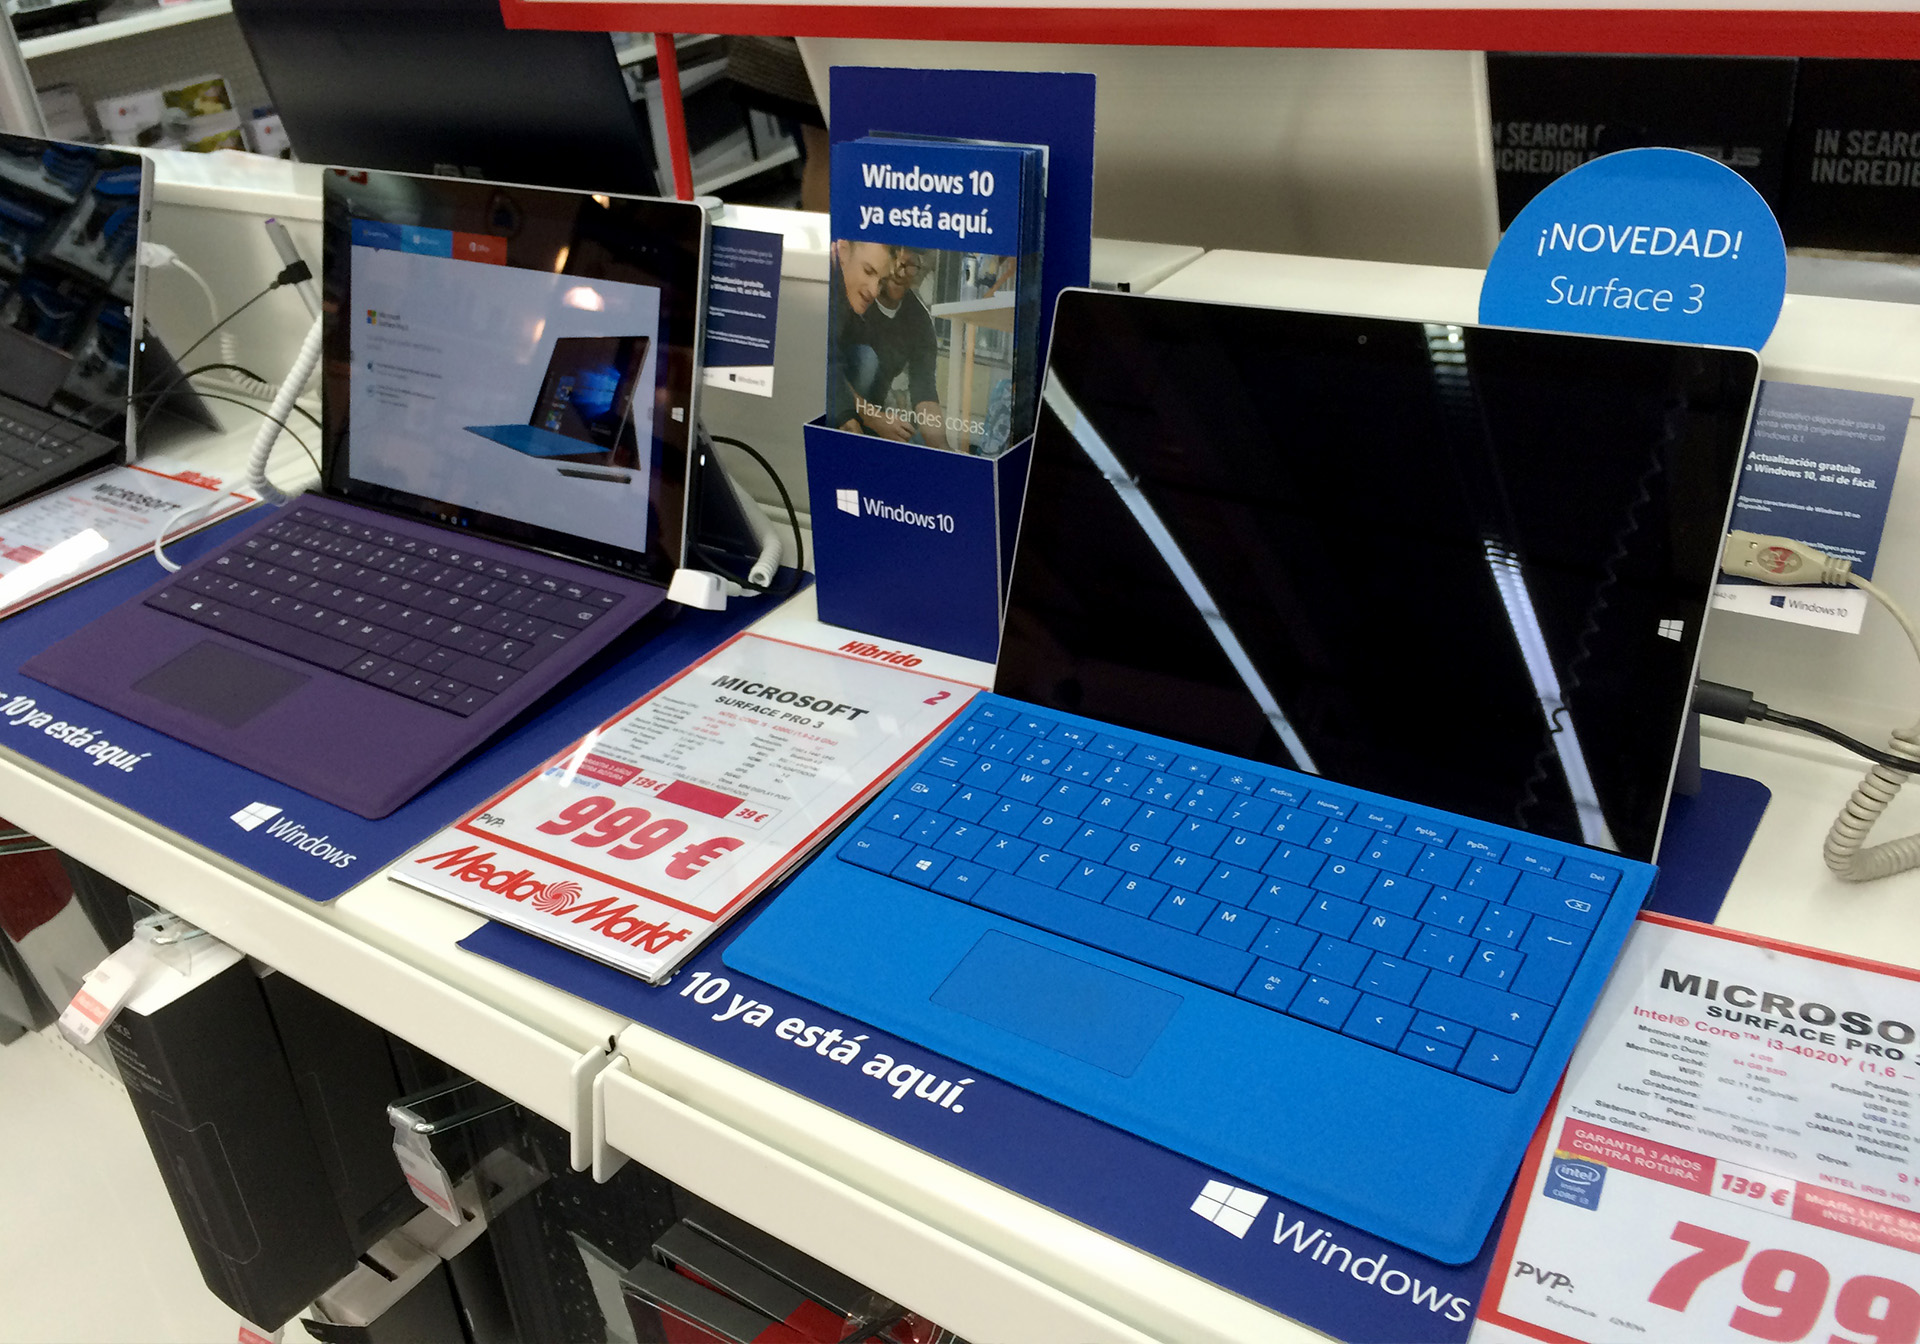 Piezas de Lanzamiento Windows 10